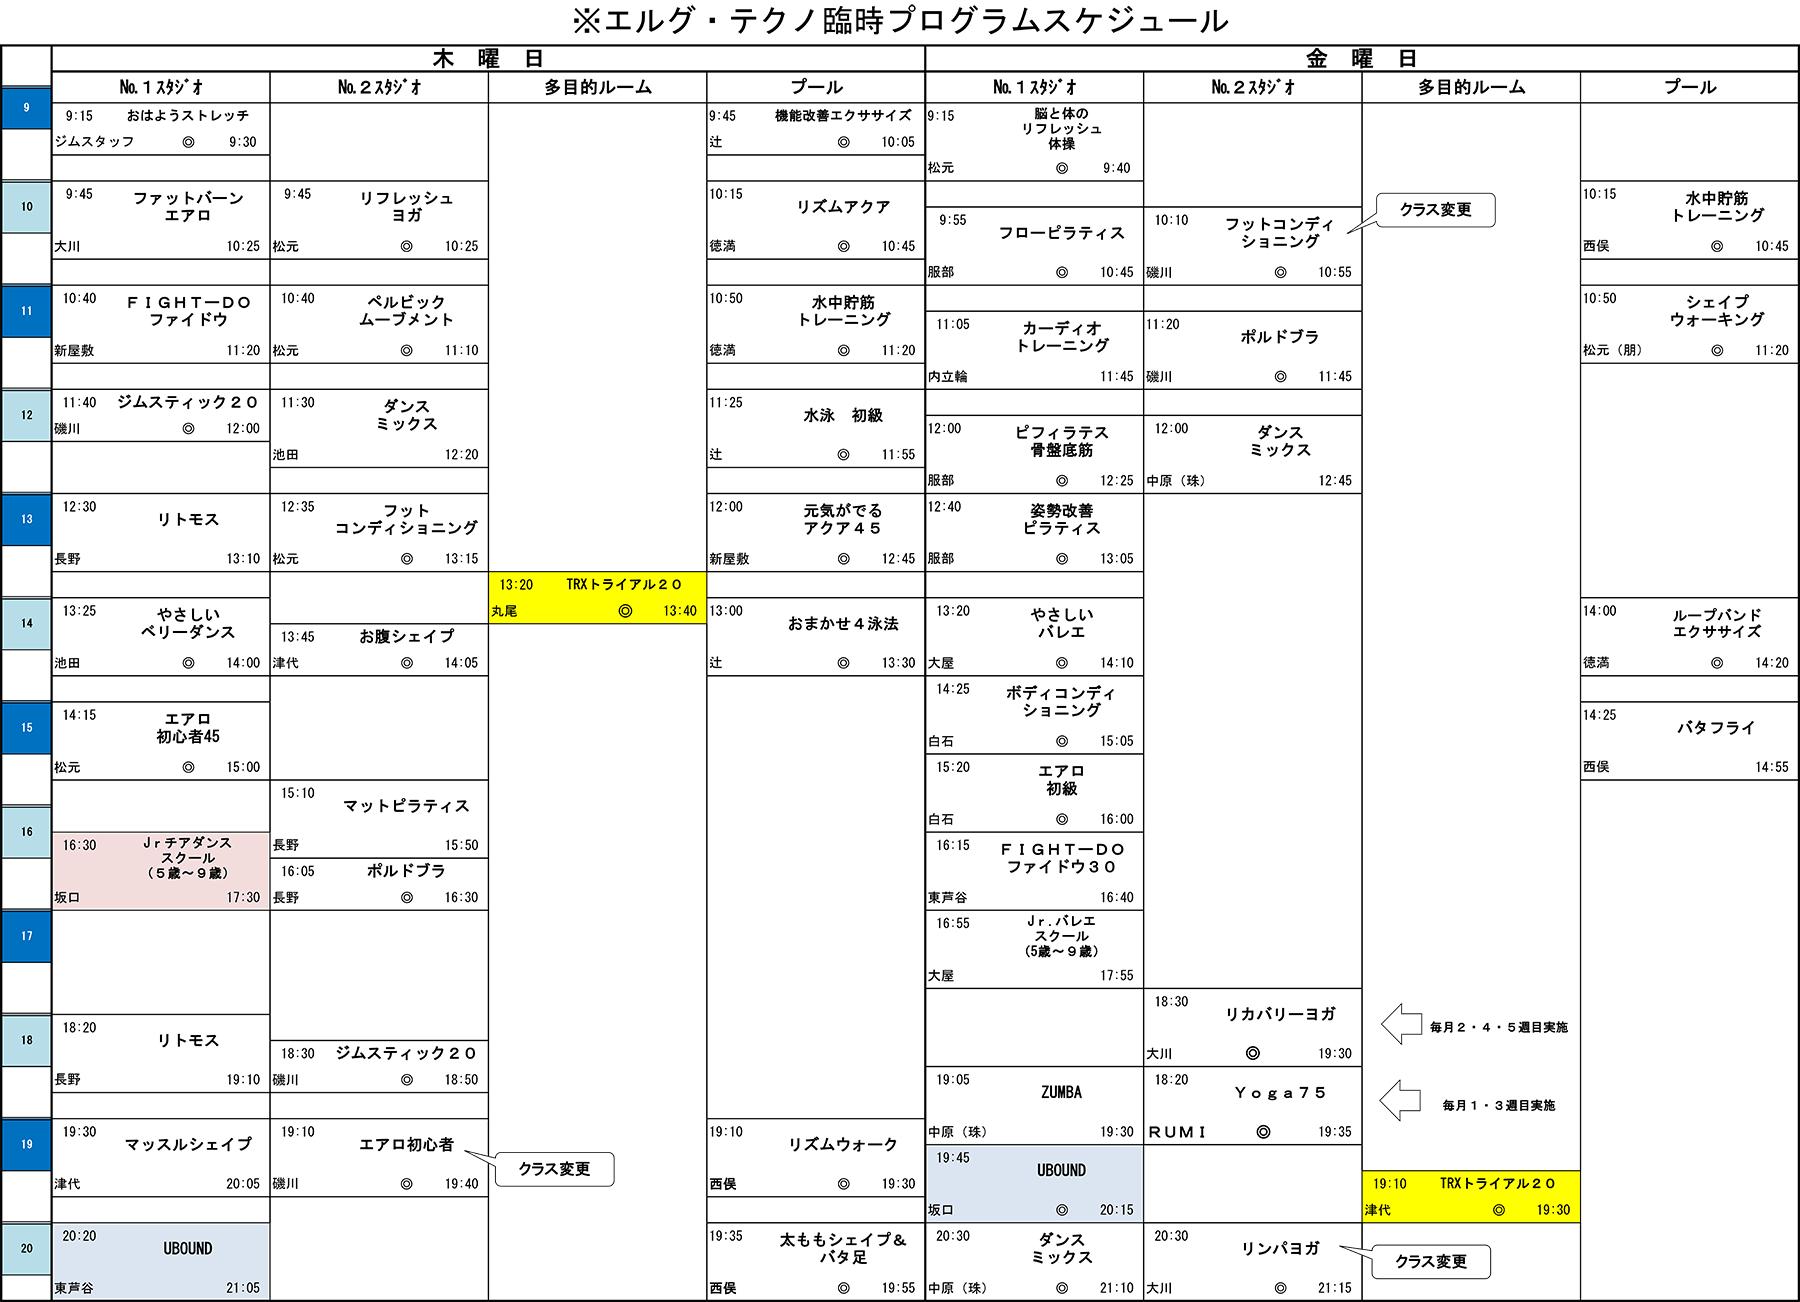 2020年3月臨時プログラム(木曜日、金曜日)